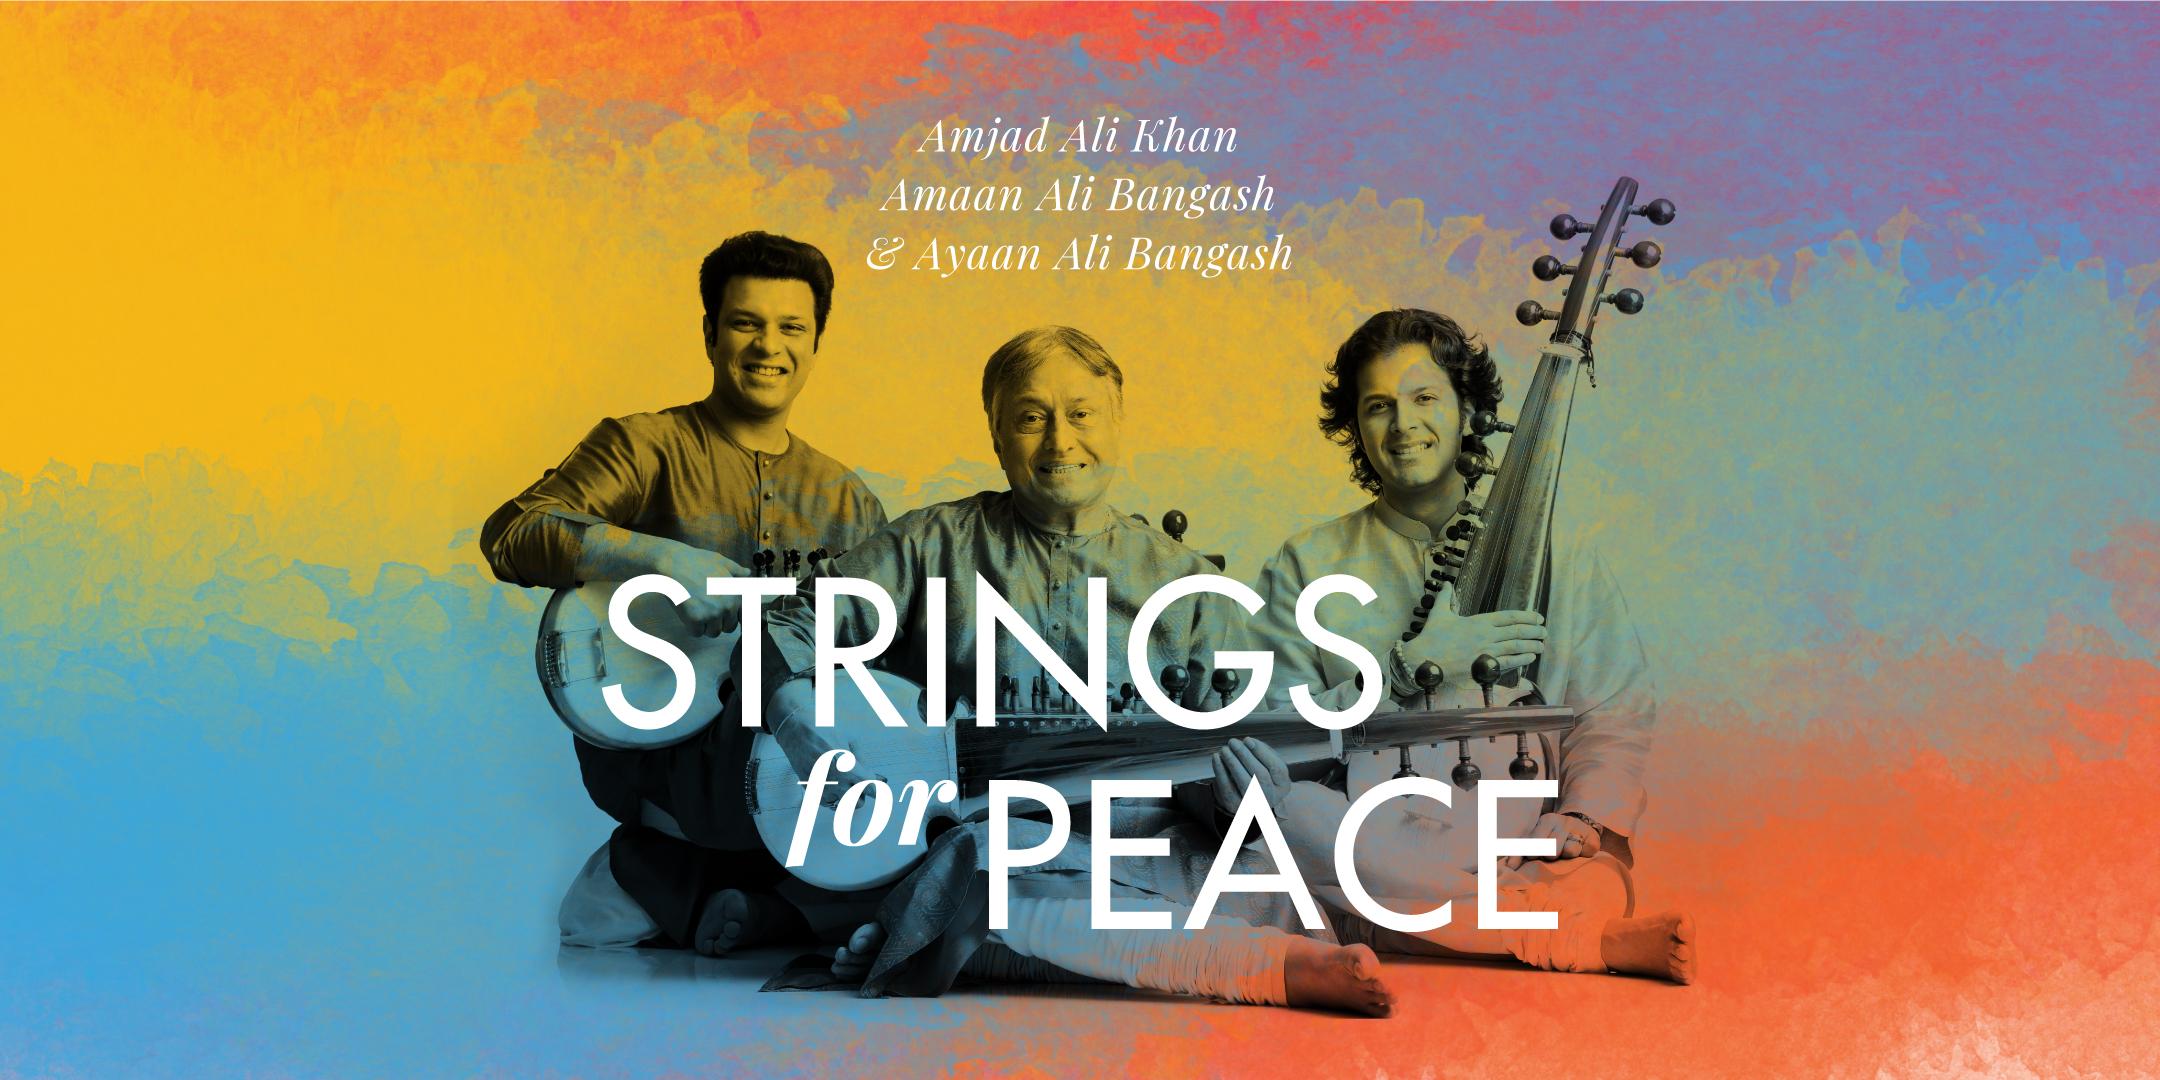 ISF2019_Banner_Strings_For_Peace_2.jpg